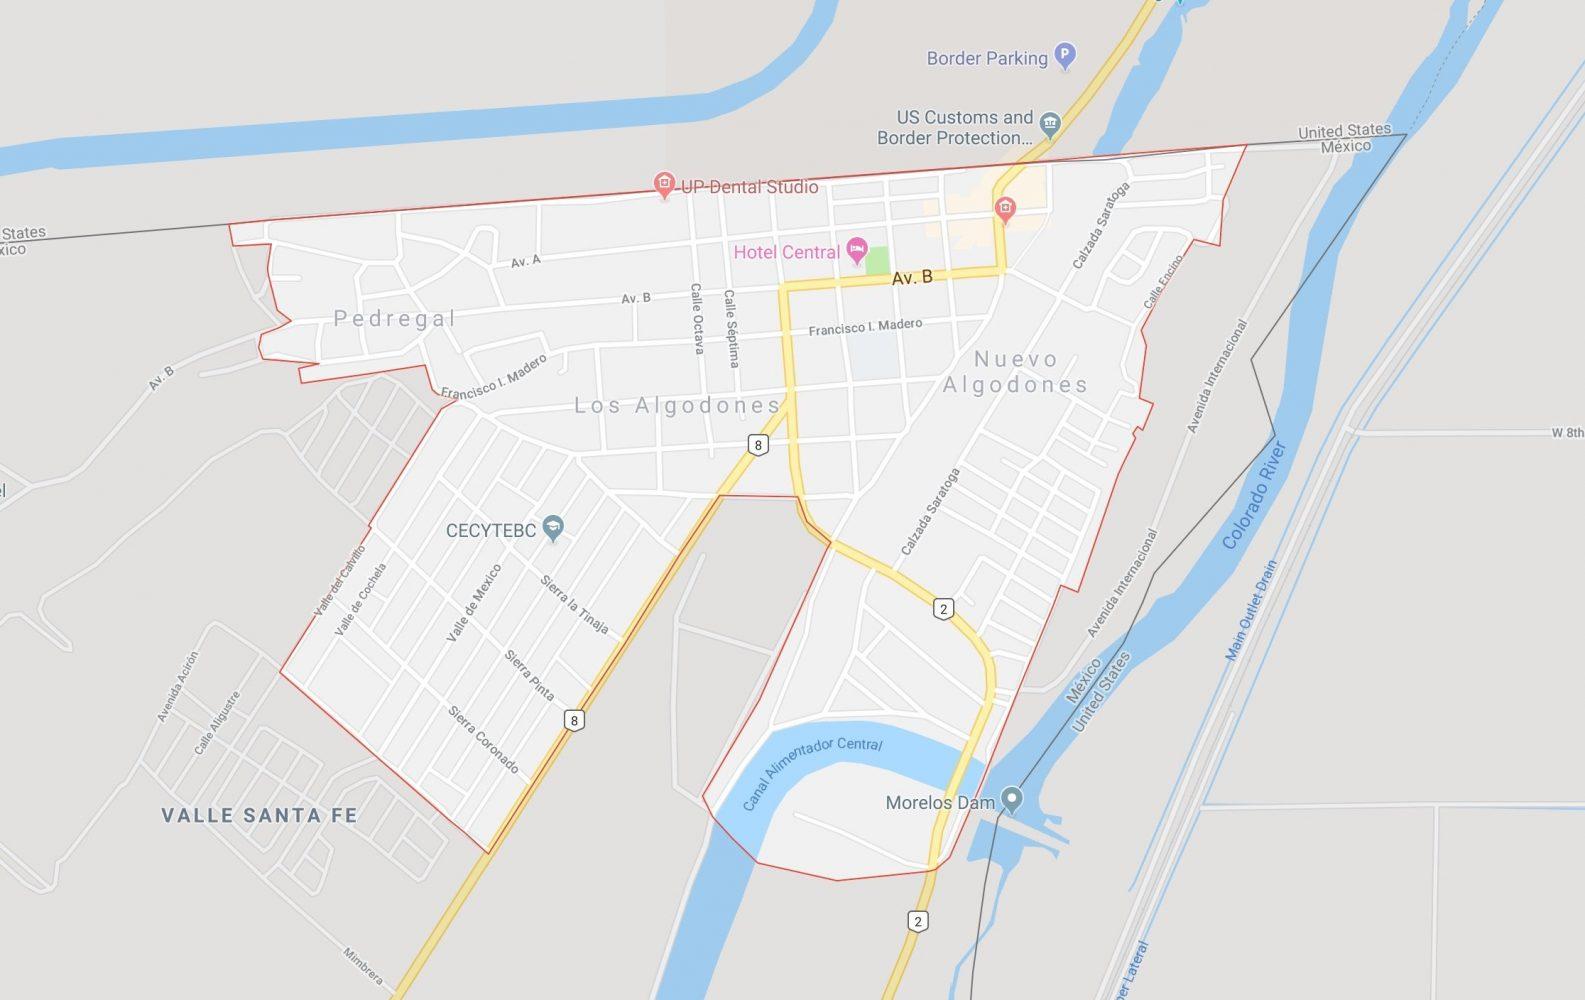 Los_Algodones_-_Google_Maps